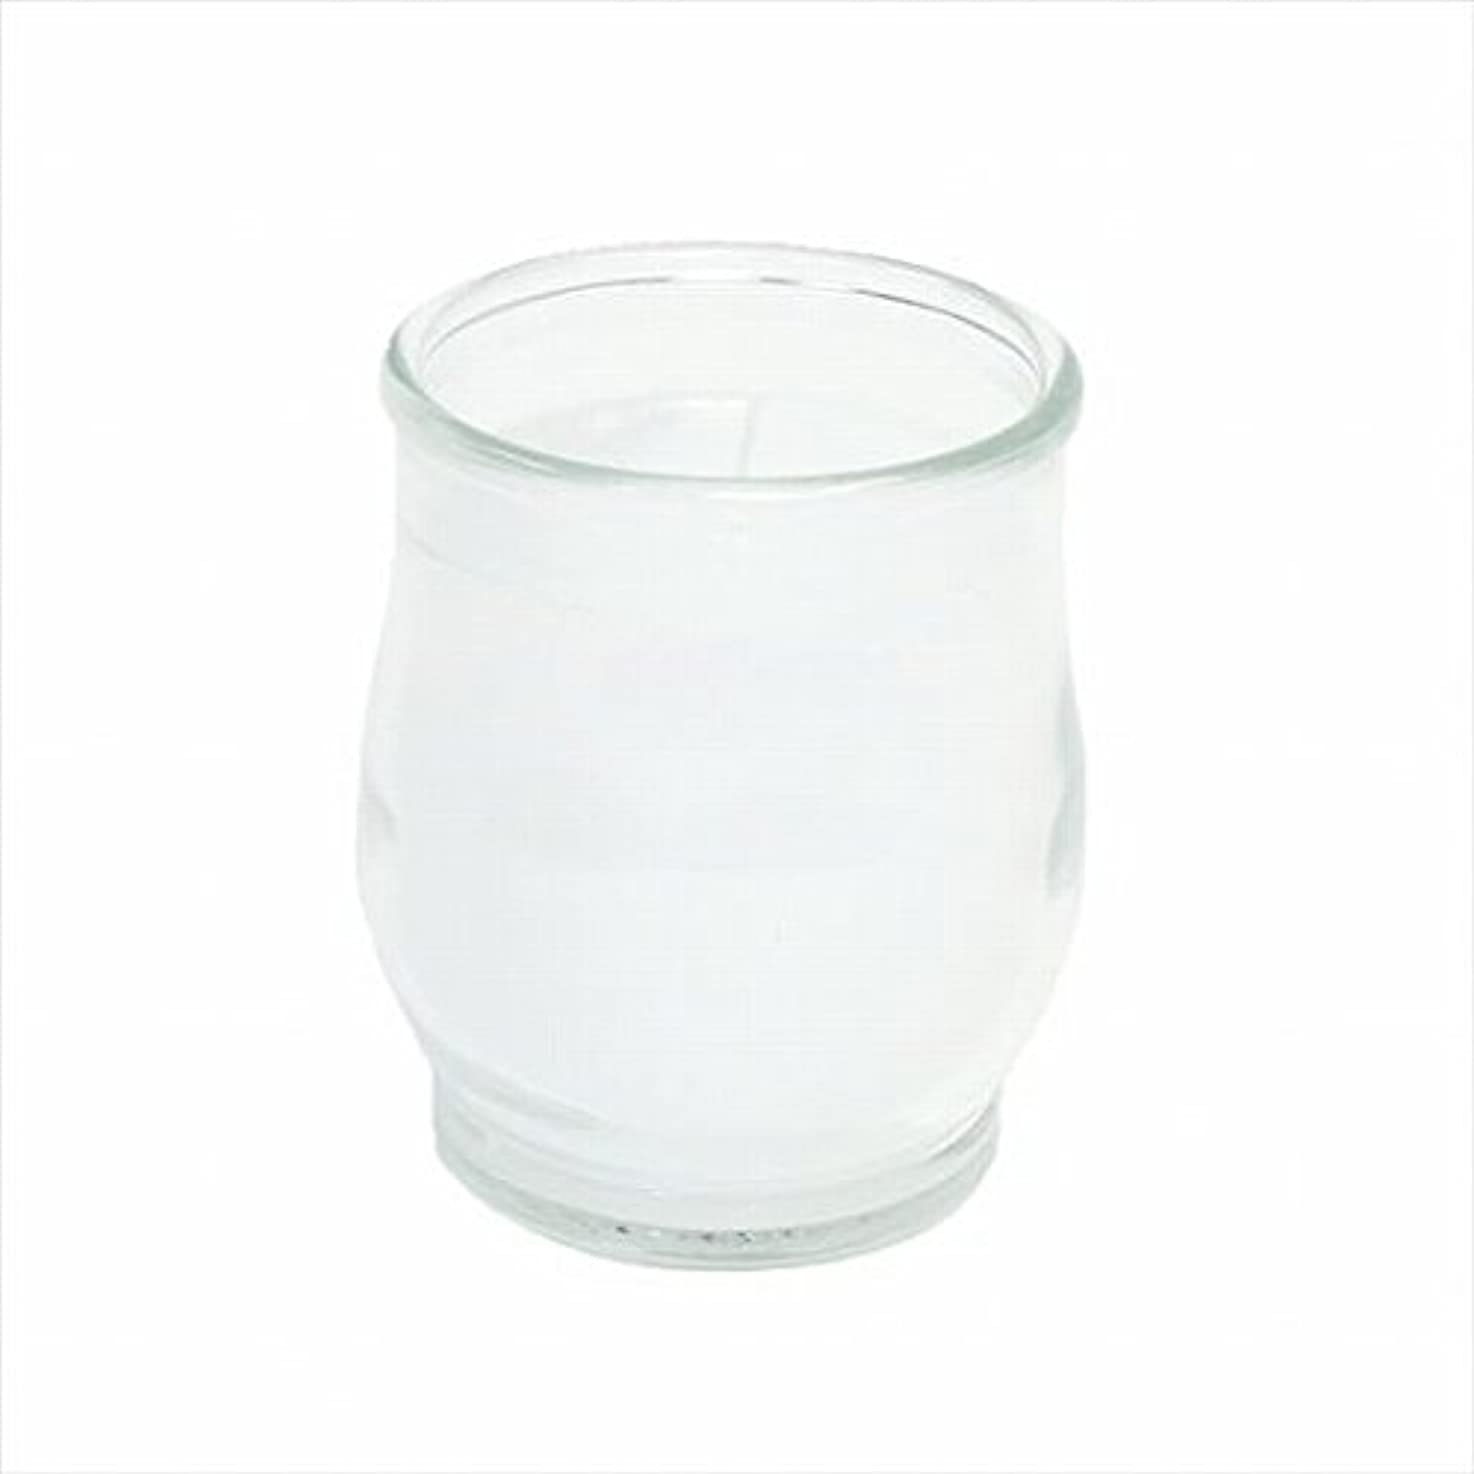 呪われたシャックル面白いカメヤマキャンドル(kameyama candle) ポシェ(非常用コップローソク) 「 クリア 」